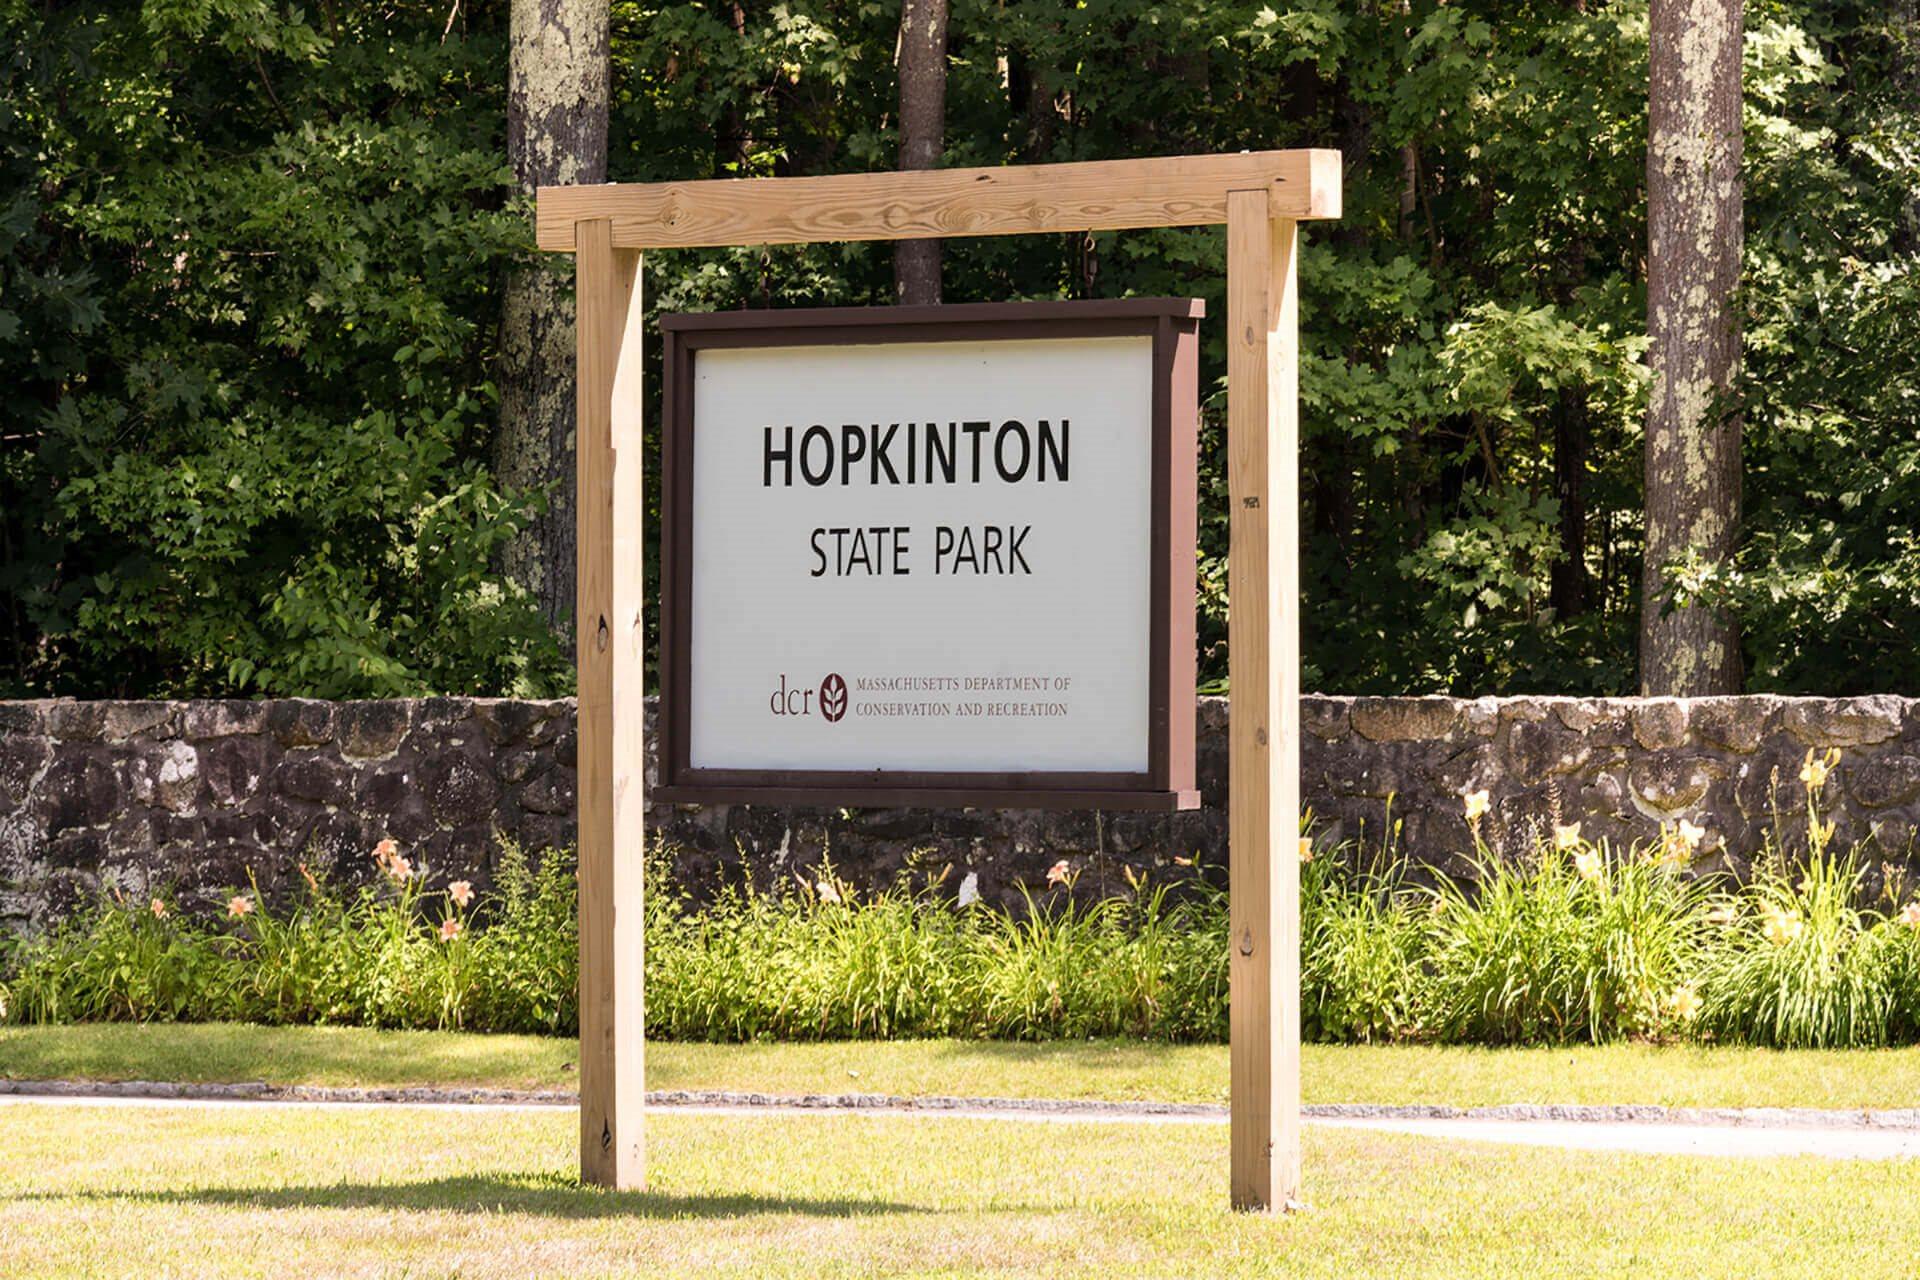 Hopkinton State Park near Hopkinton by Windsor, Massachusetts, 01748